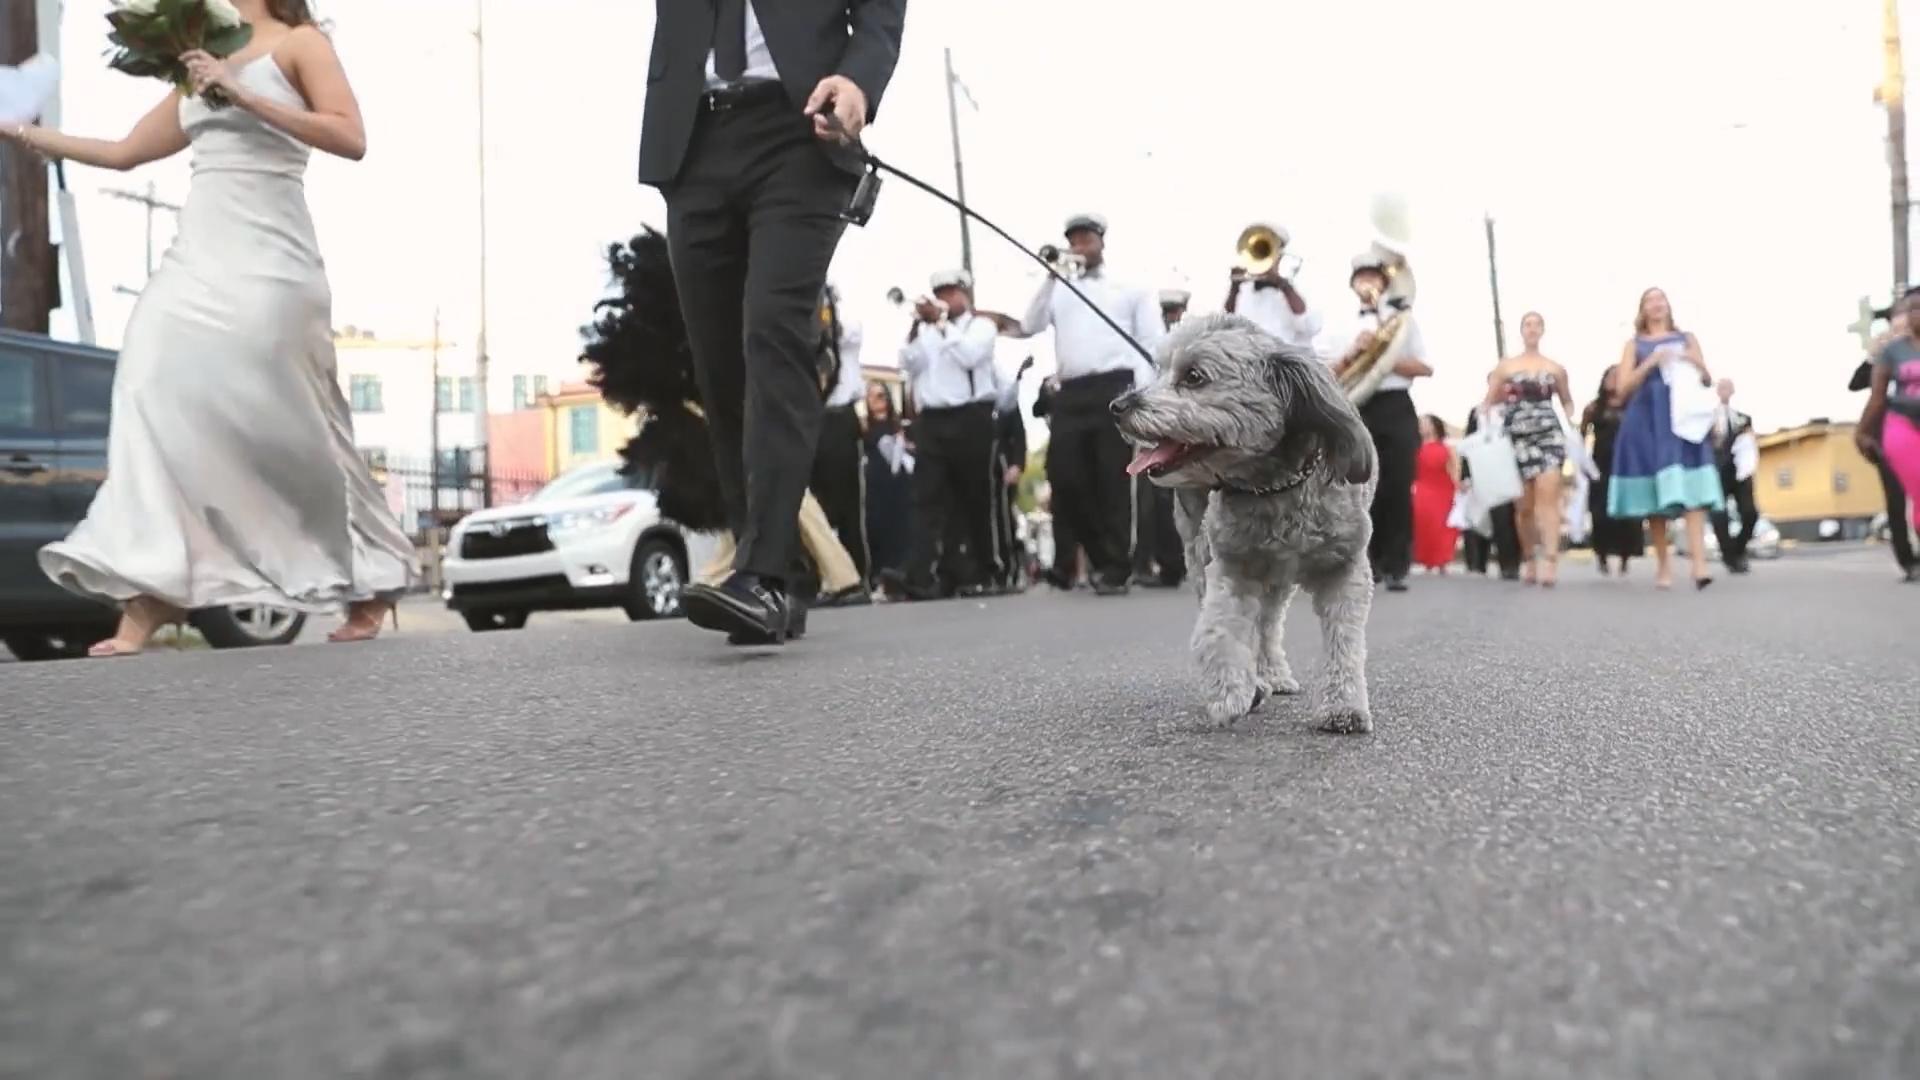 New Orleans Wedding - Puppy Second Line - Bride Film